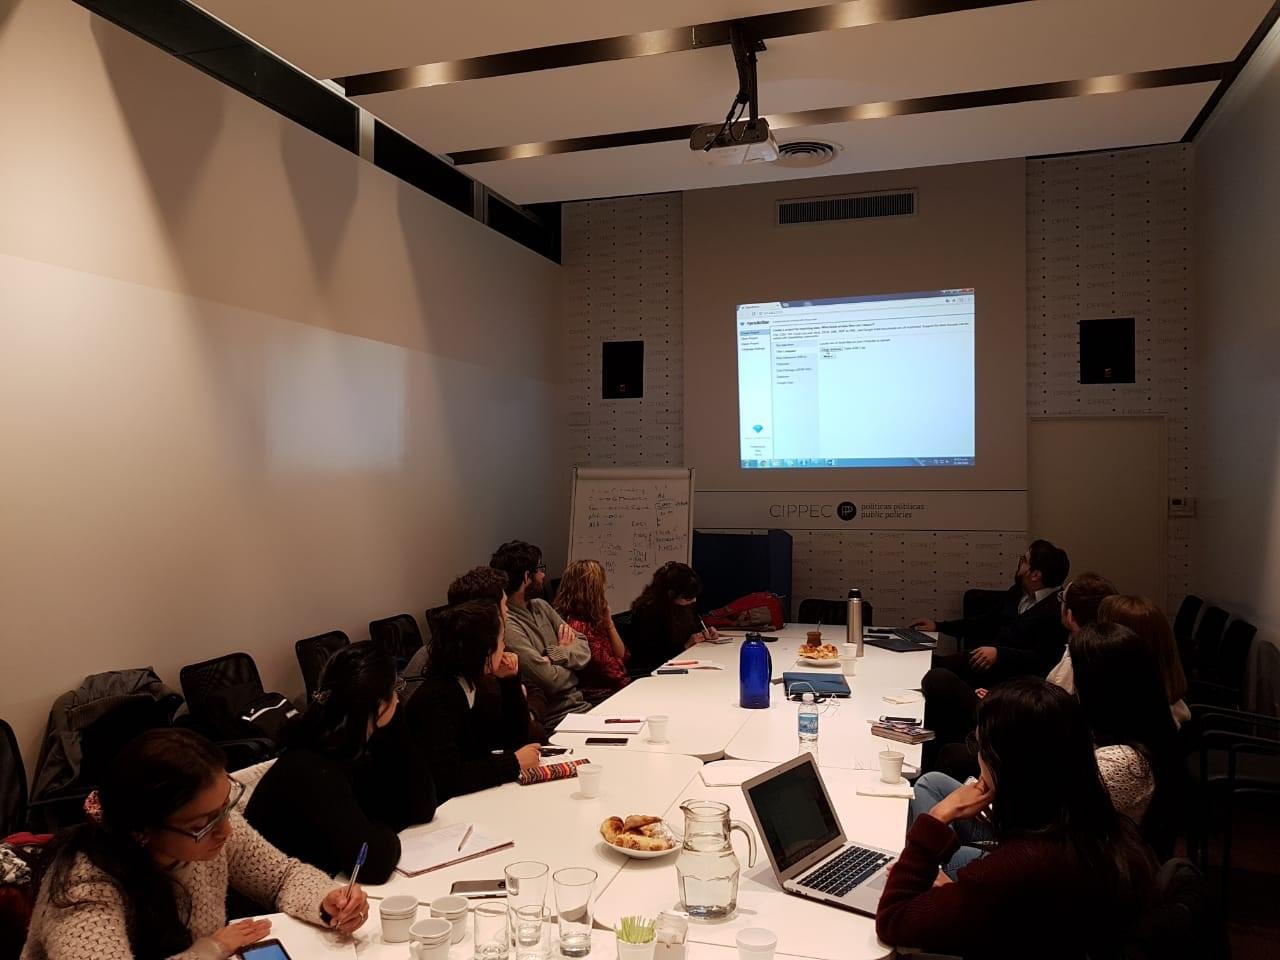 Imagen de los participantes del segundo Taller de Herramientas de Procesamiento de Datos de Eval Youth Argentina, donde CIPPEC participó como expositor y anfitrión.